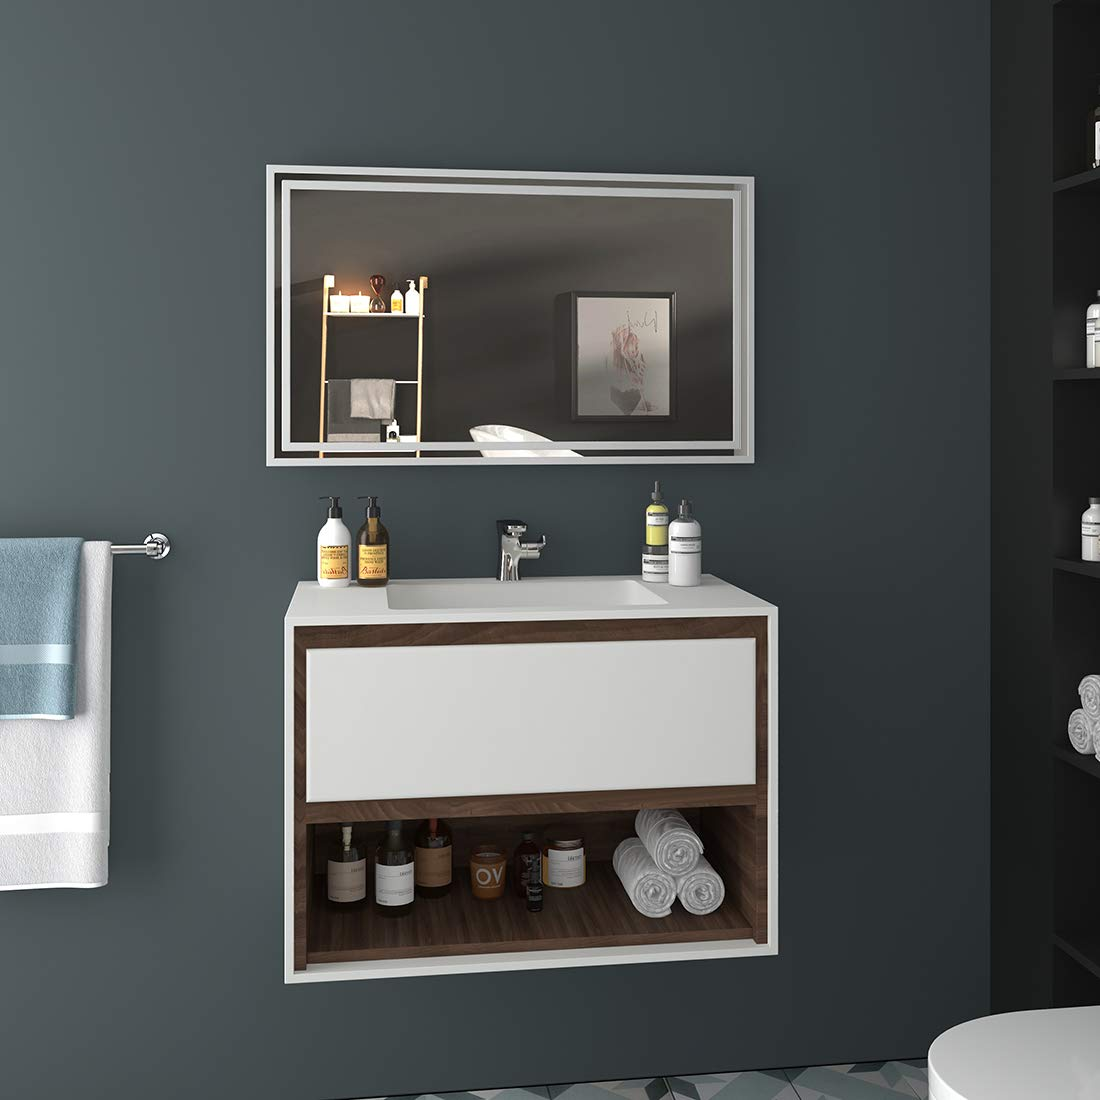 EMKE LED miroir de salle de bains 100x60cm miroir de salle de bains avec /éclairage Warmwhite miroir lumineux miroir mural IP44 /économie d/énergie